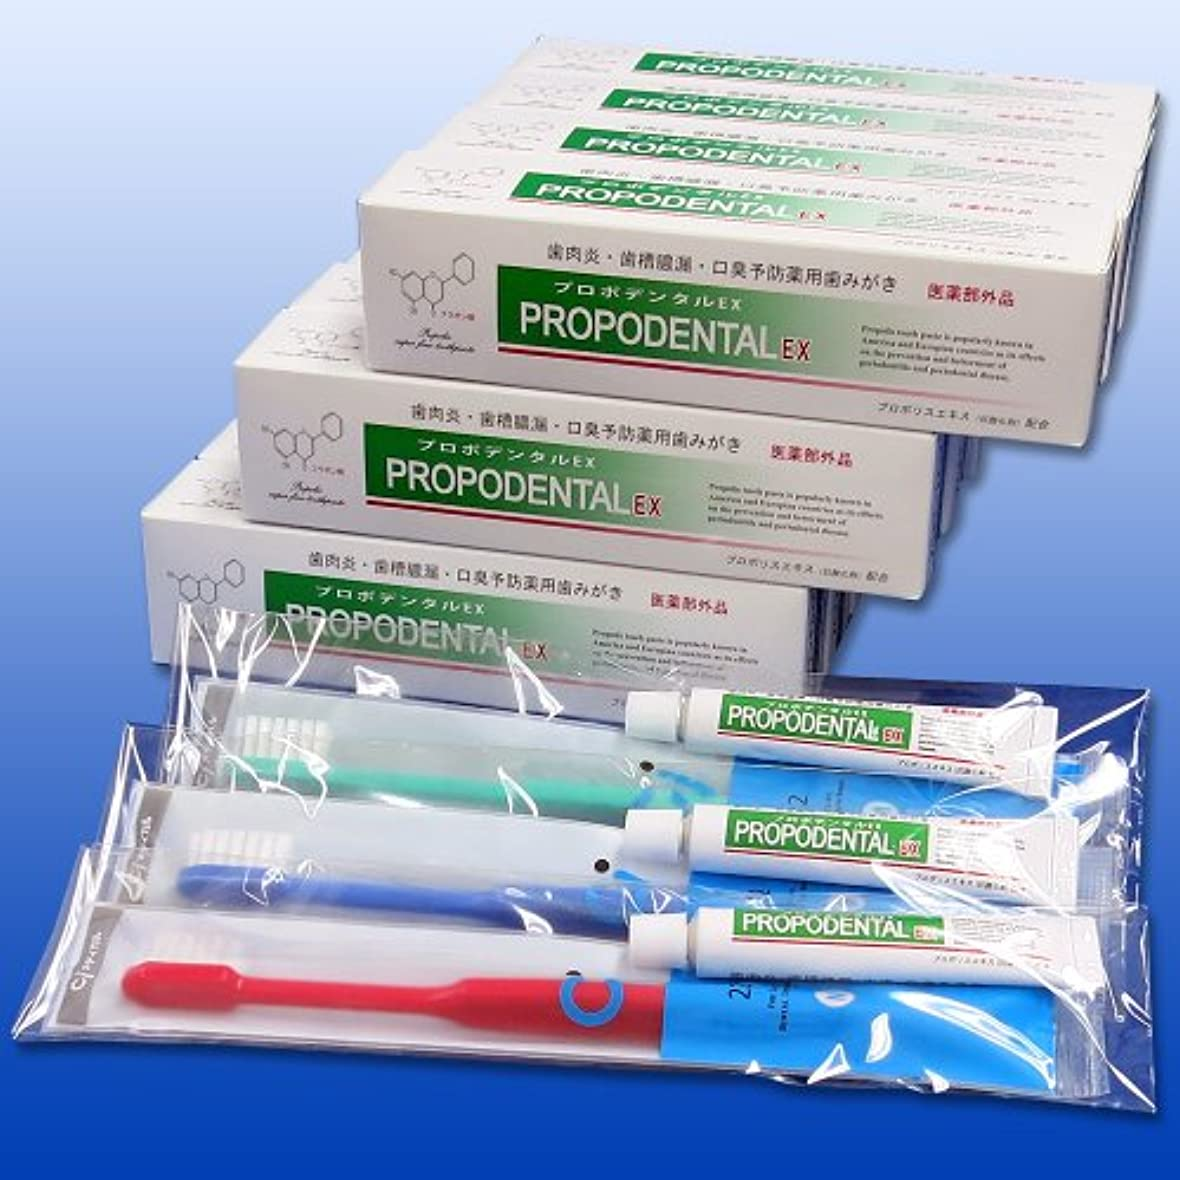 枯渇する合図によってプロポデンタルEX(80g)12本セット+ハブラシセット 3セット【歯周病】歯磨き粉 プロポリス配合薬用歯みがき 口臭ケア